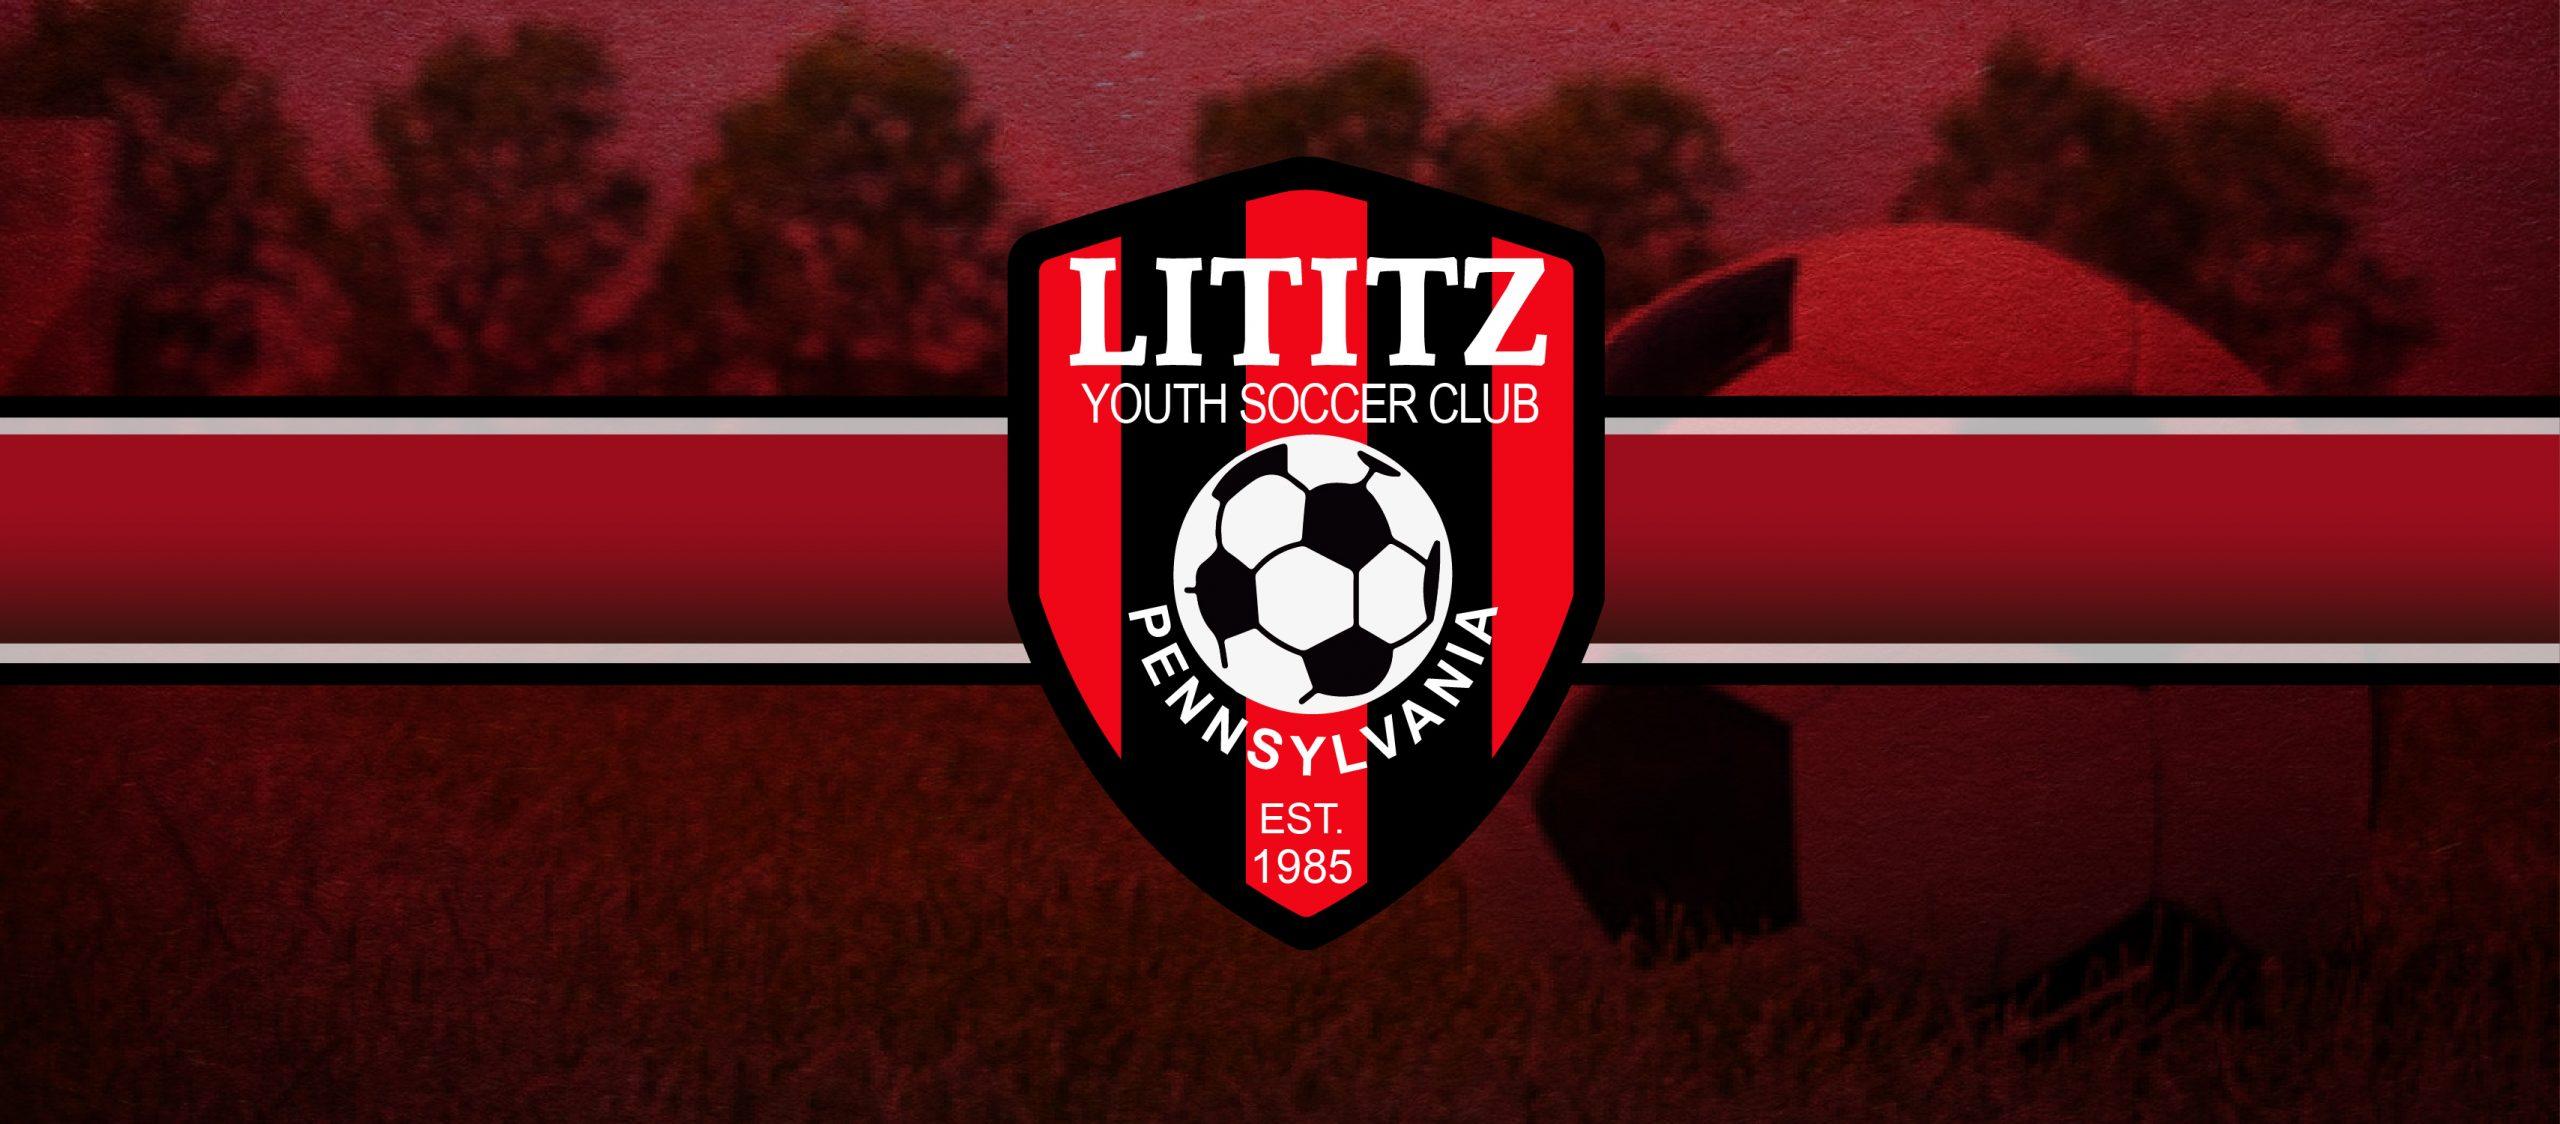 Lititz Youth Soccer Club